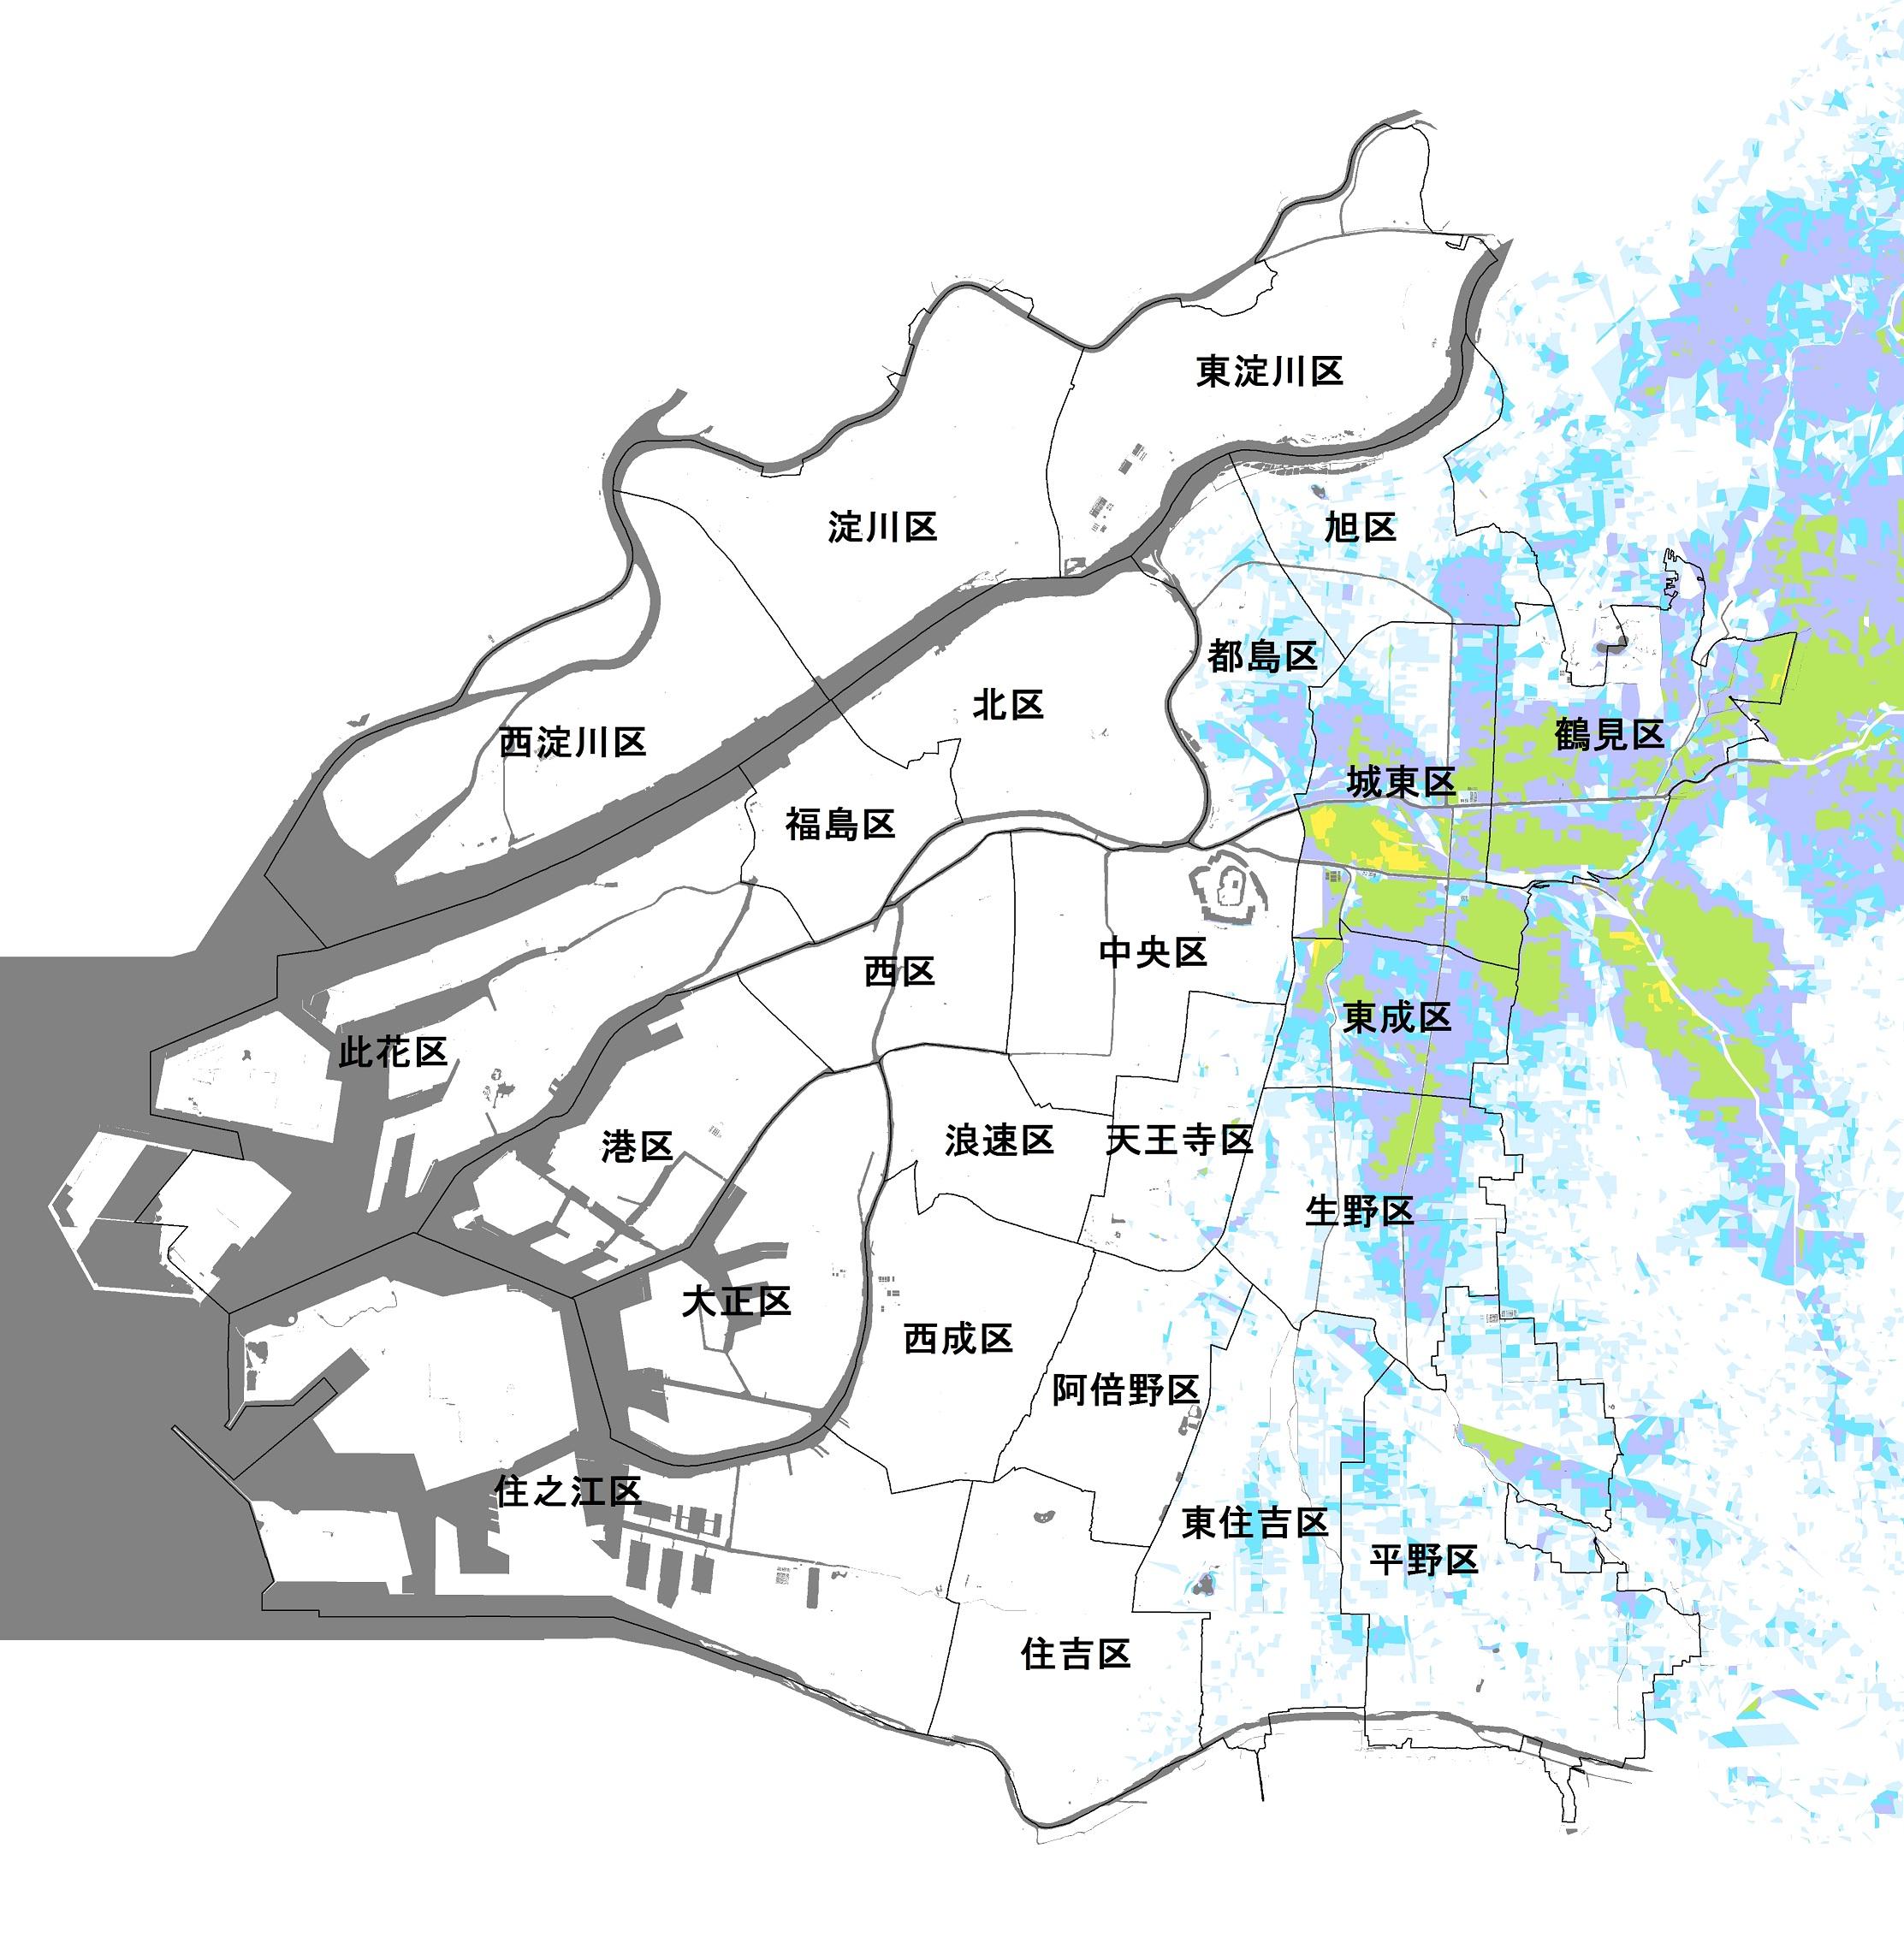 大阪市(寝屋川・第二寝屋川・平野川の氾濫)のハザードマップ